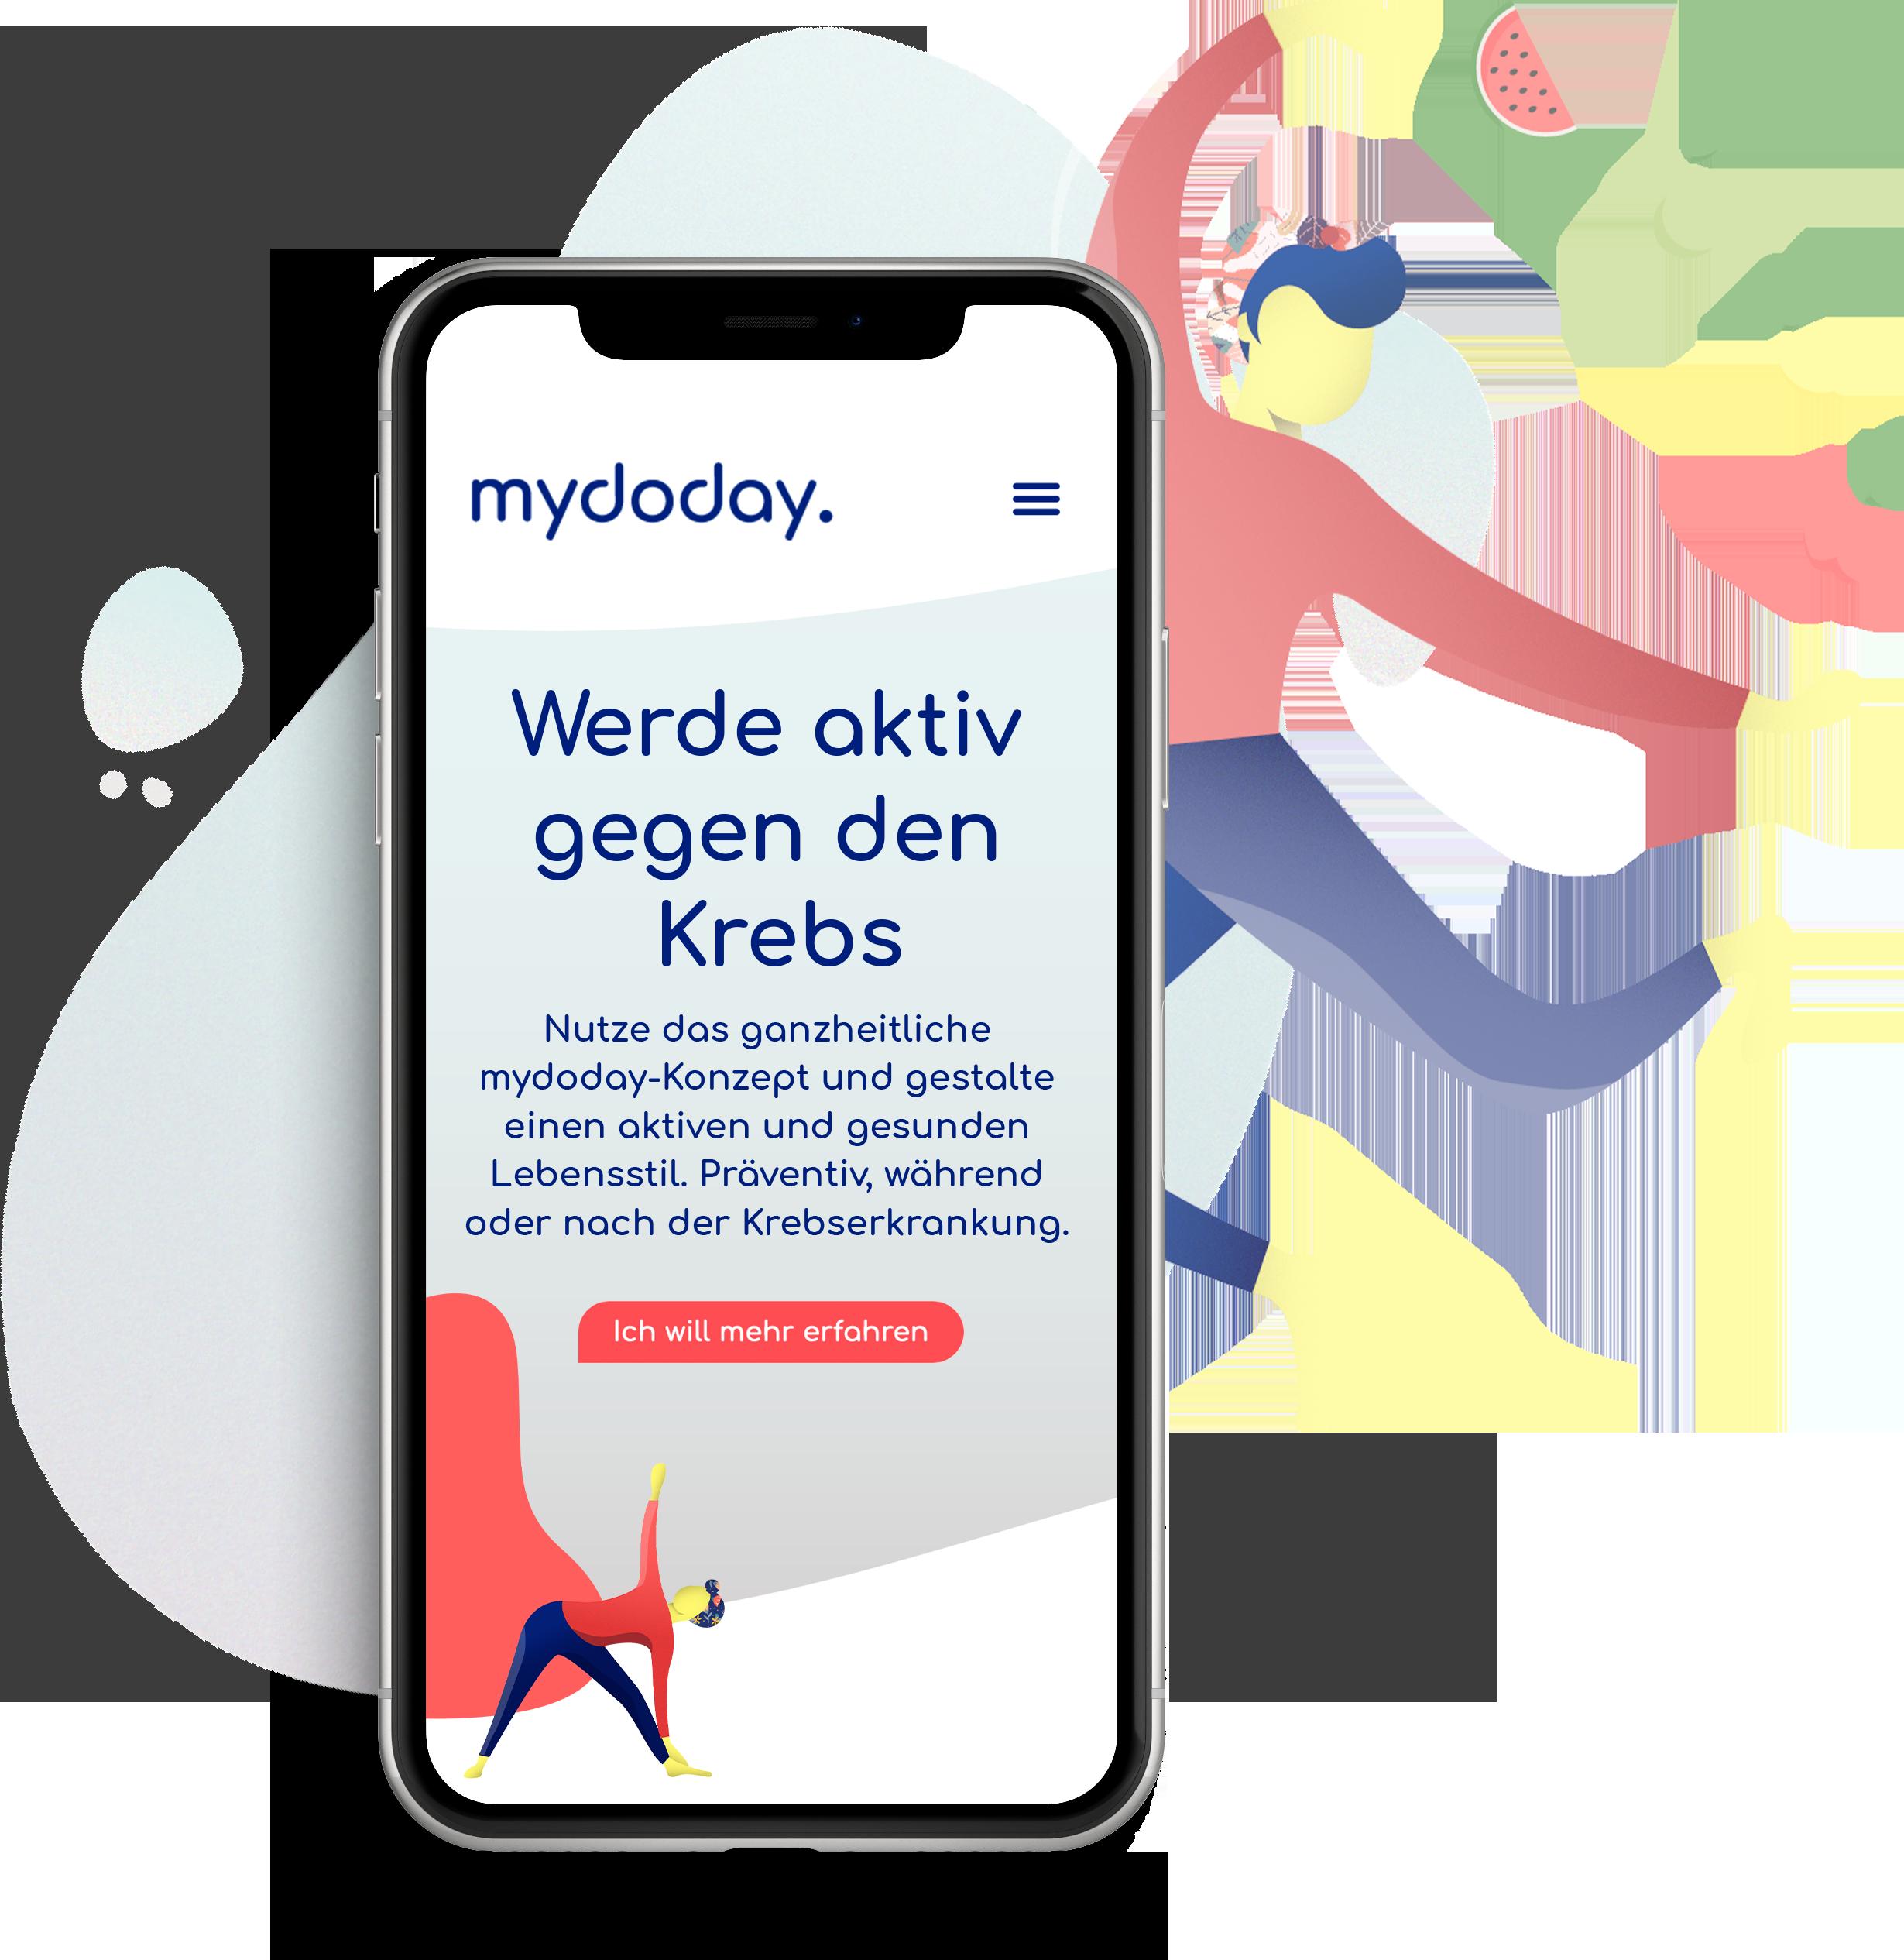 Ansicht eines iPhone-Screens. Gezeigt wird die Startseite der mydoday Website.